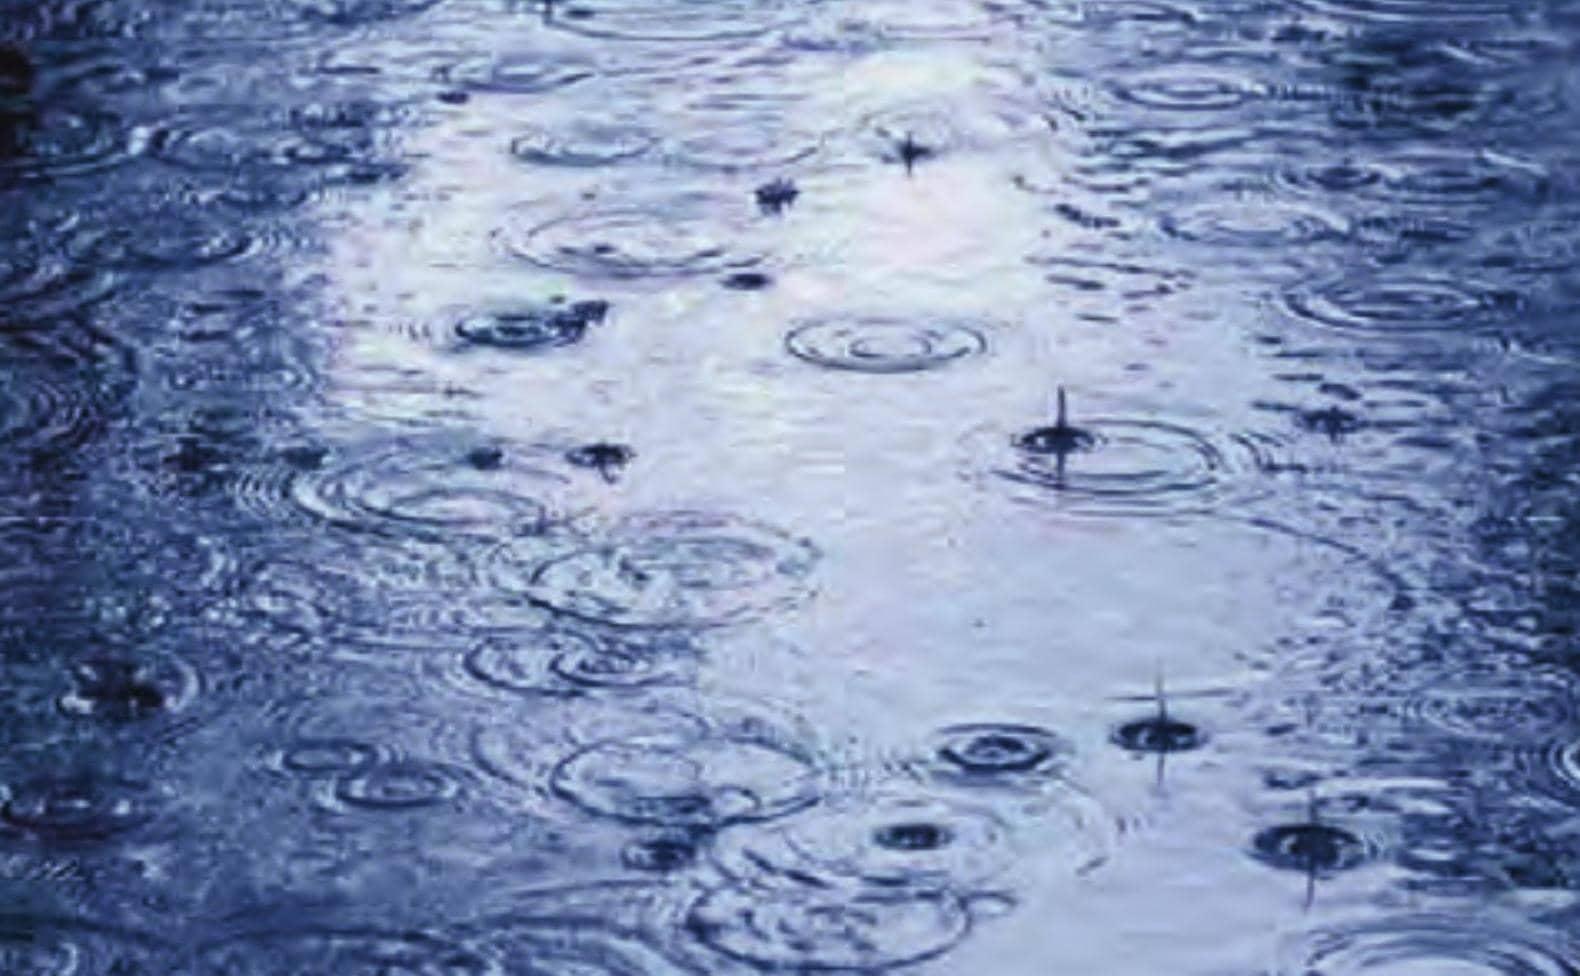 தெலங்கானாவில் பருவமழையால் நிலத்தடி நீர்மட்டம் உயர்வு